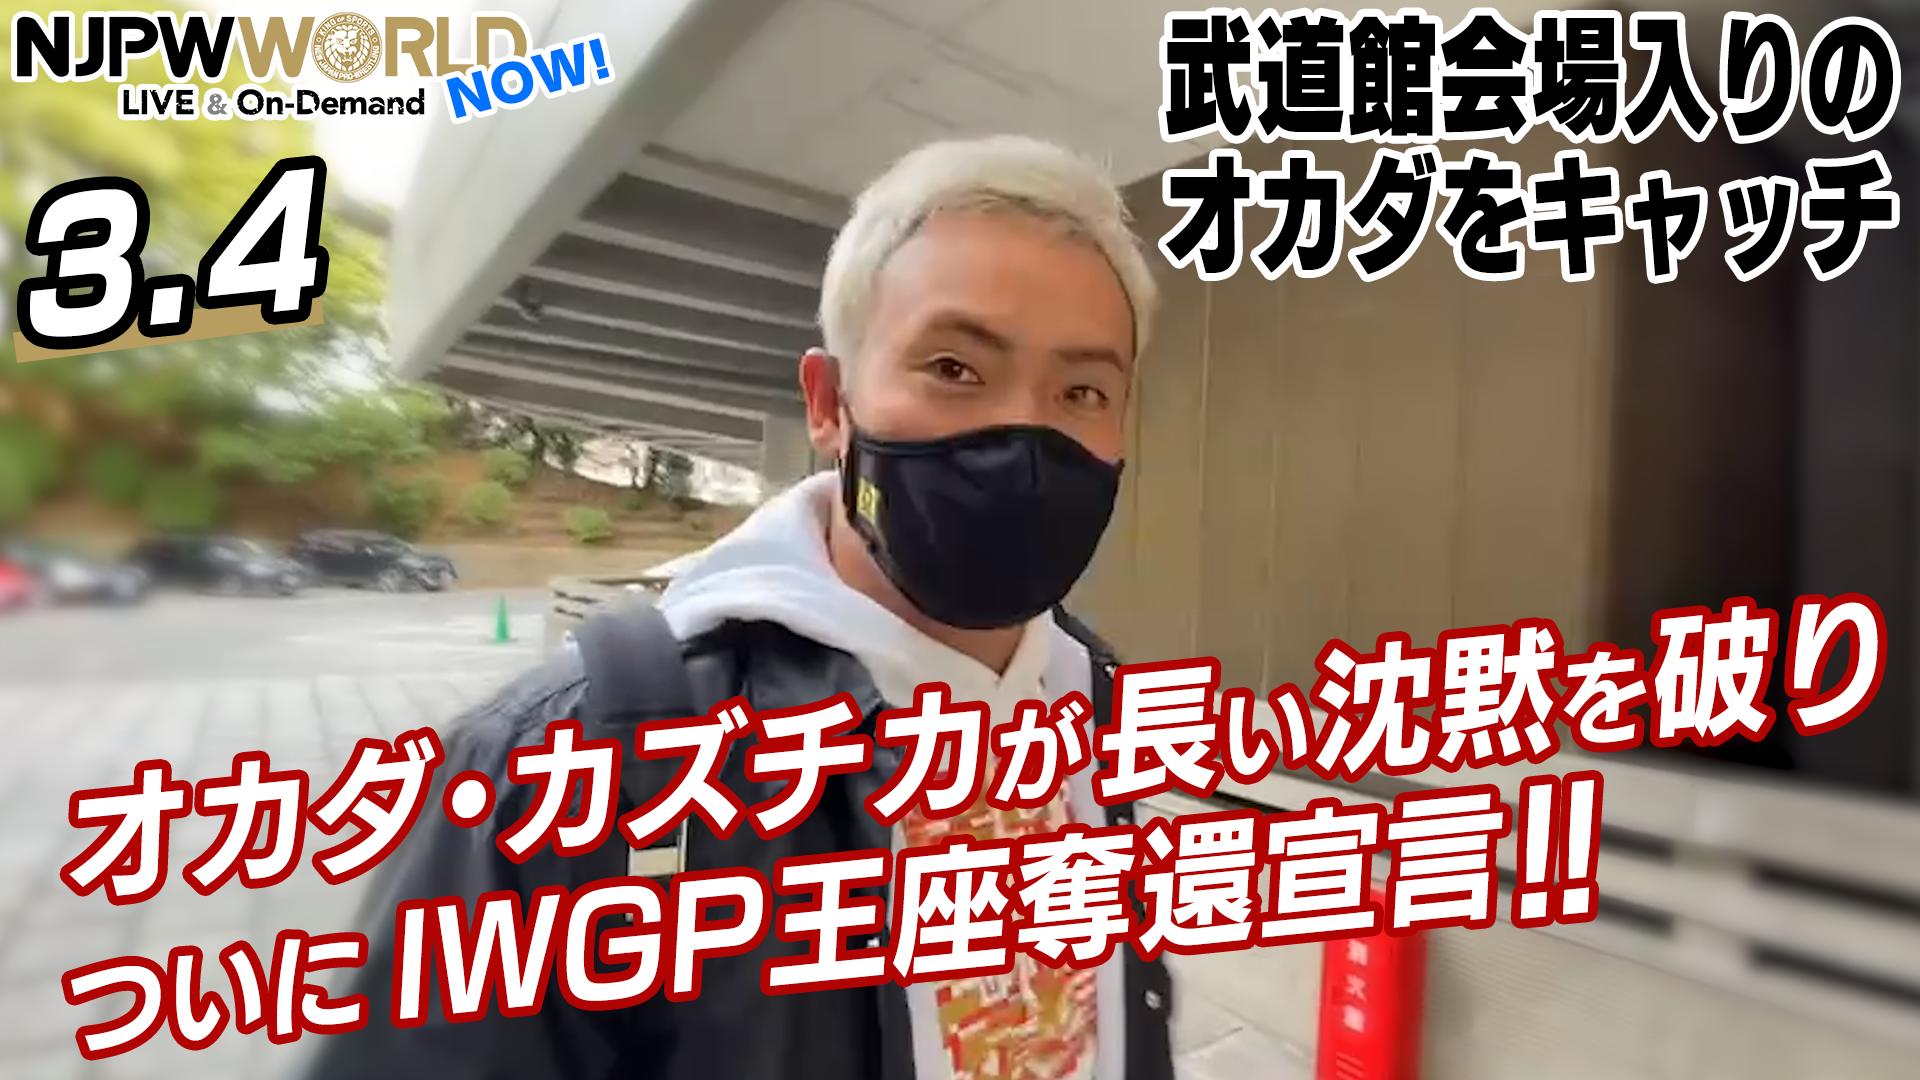 【武道館会場入りのオカダ・カズチカをキャッチ】長い沈黙を破り、ついにIWGP王座奪還宣言‼️【NJPWWORLD NOW!】